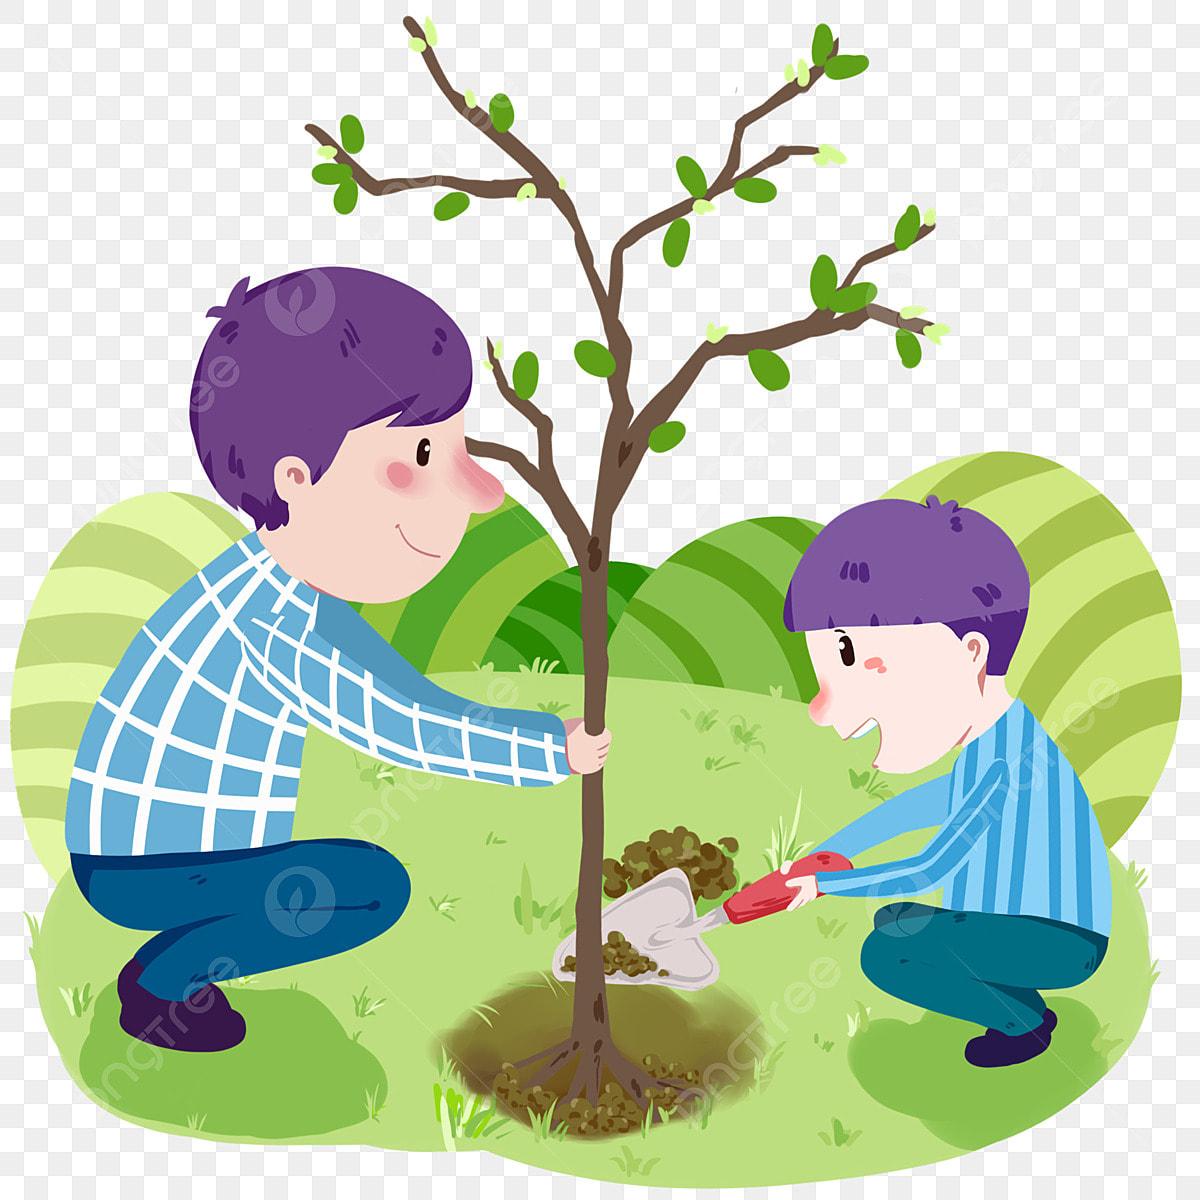 يوم الشجرة رسم توضيحي للشخص طفل يزرع الأشجار مجرفة رمادية أوراق خضراء طفل في الشجرة Png وملف Psd للتحميل مجانا